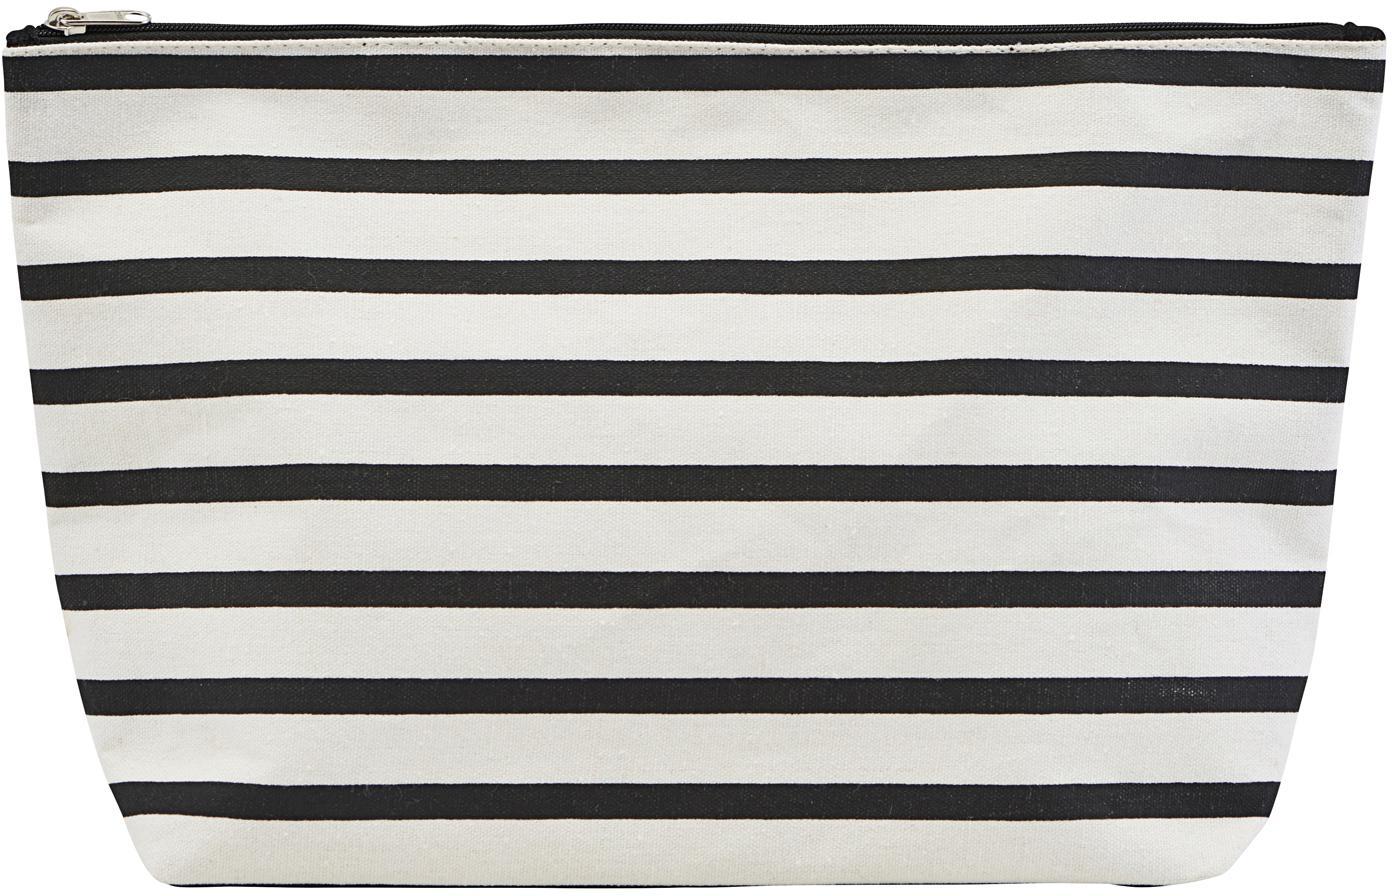 Kosmetiktasche Stripes mit Reißverschluss, 38%Baumwolle, 40%Polyester, 22%Rayon, Schwarz, Weiß, 32 x 20 cm